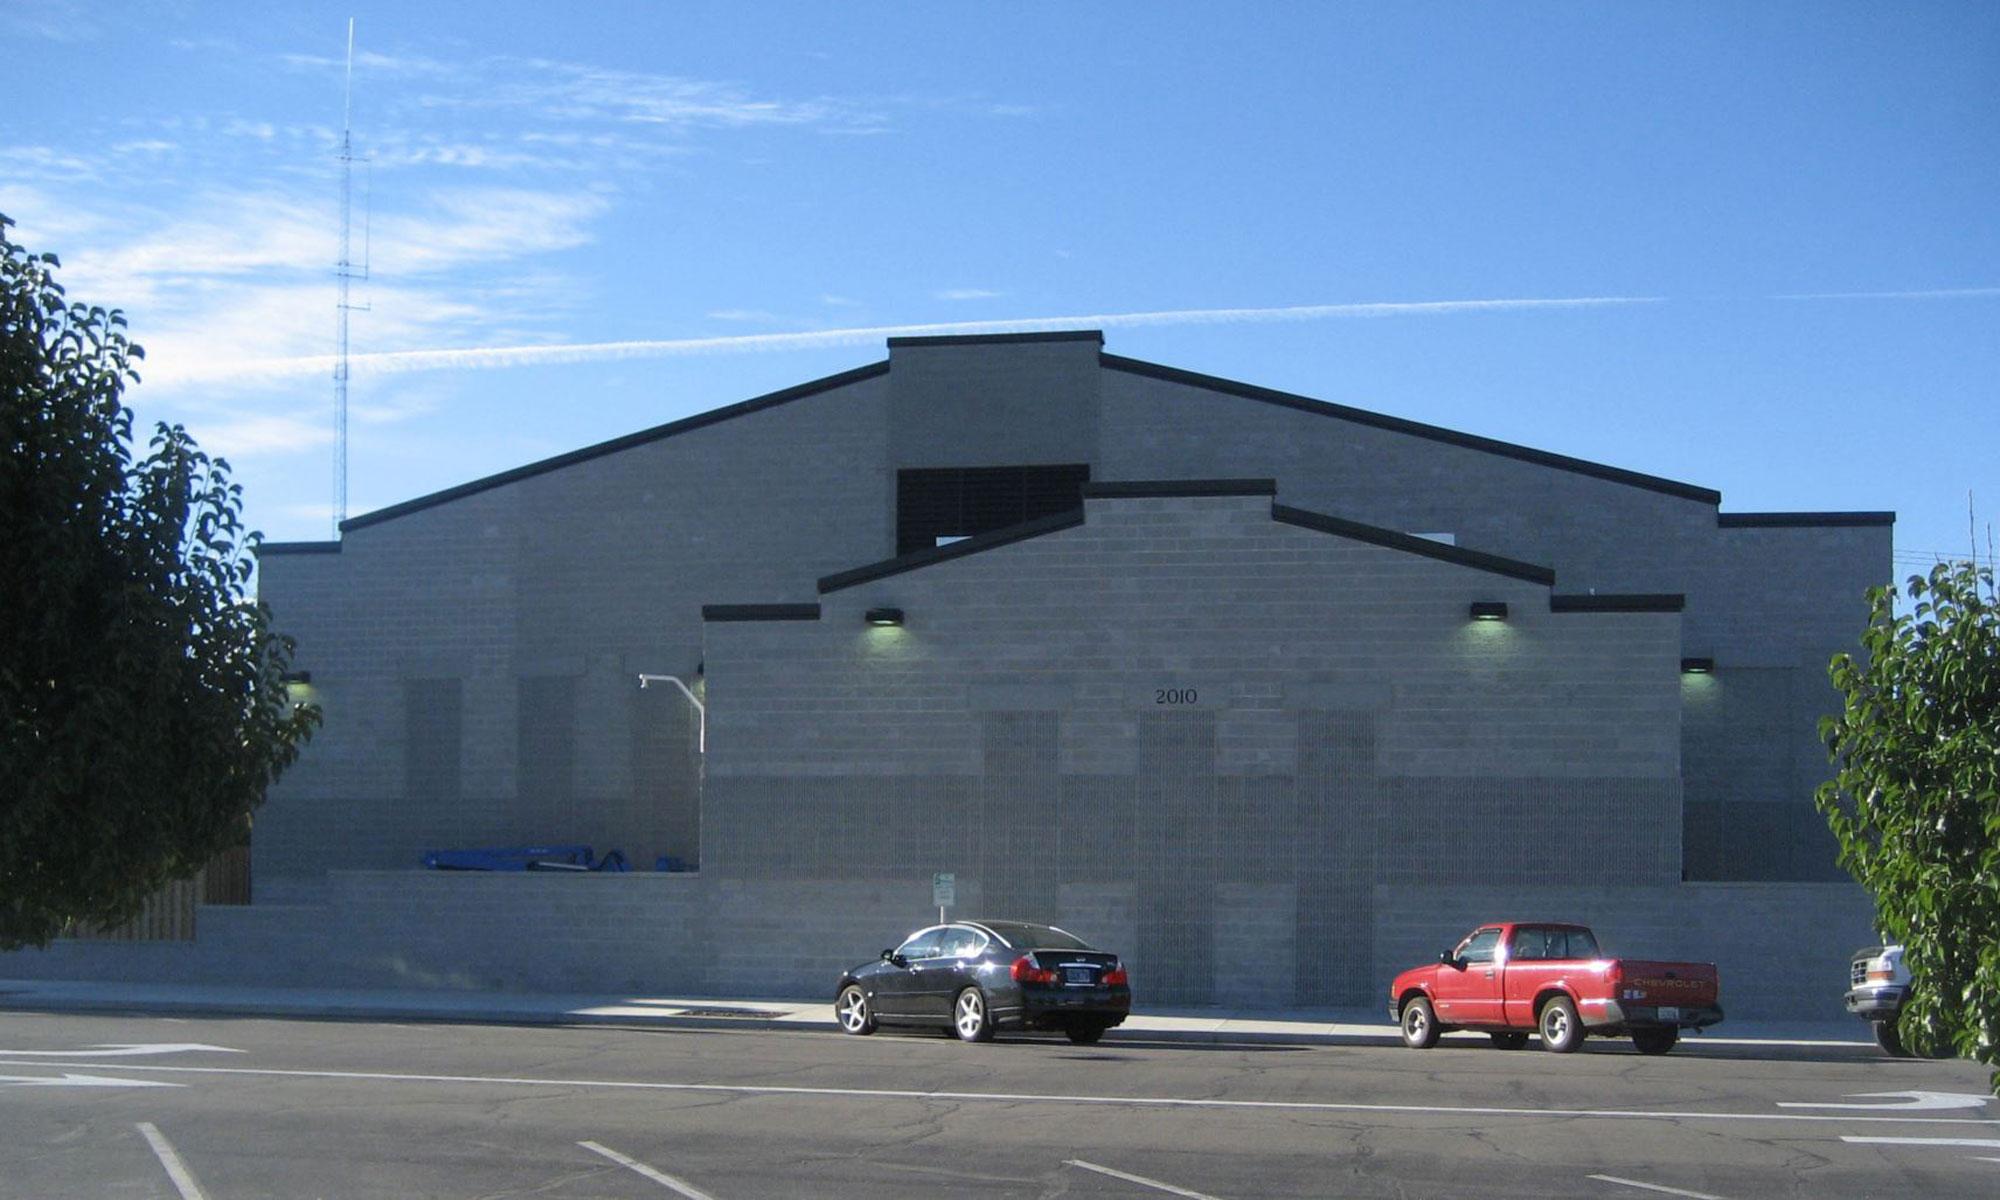 Jay County Jail Exterior